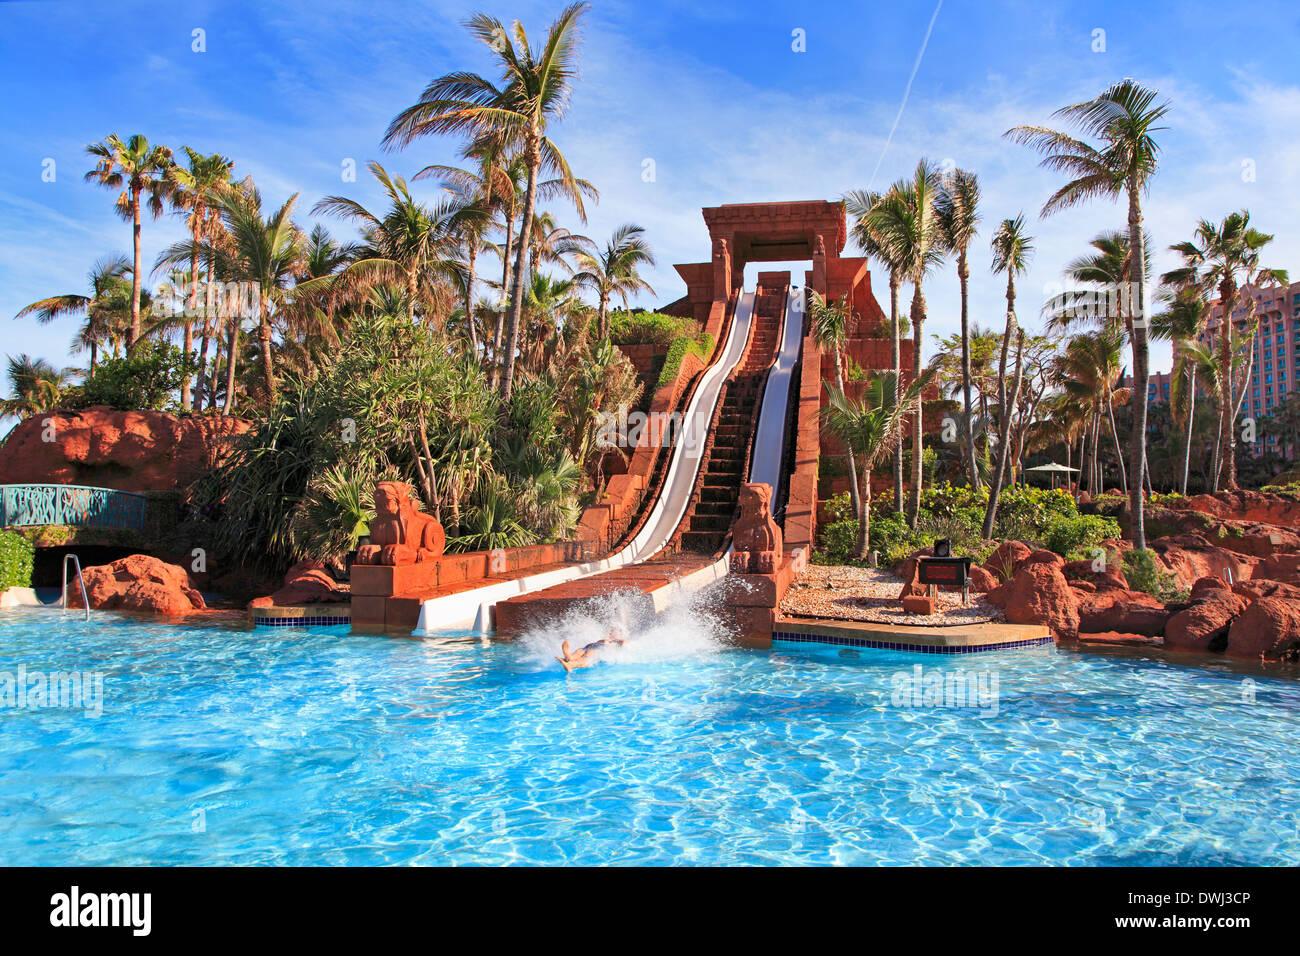 Paradise Island, Atlantis, Swimming Pool, Nassau, Bahamas - Stock Image